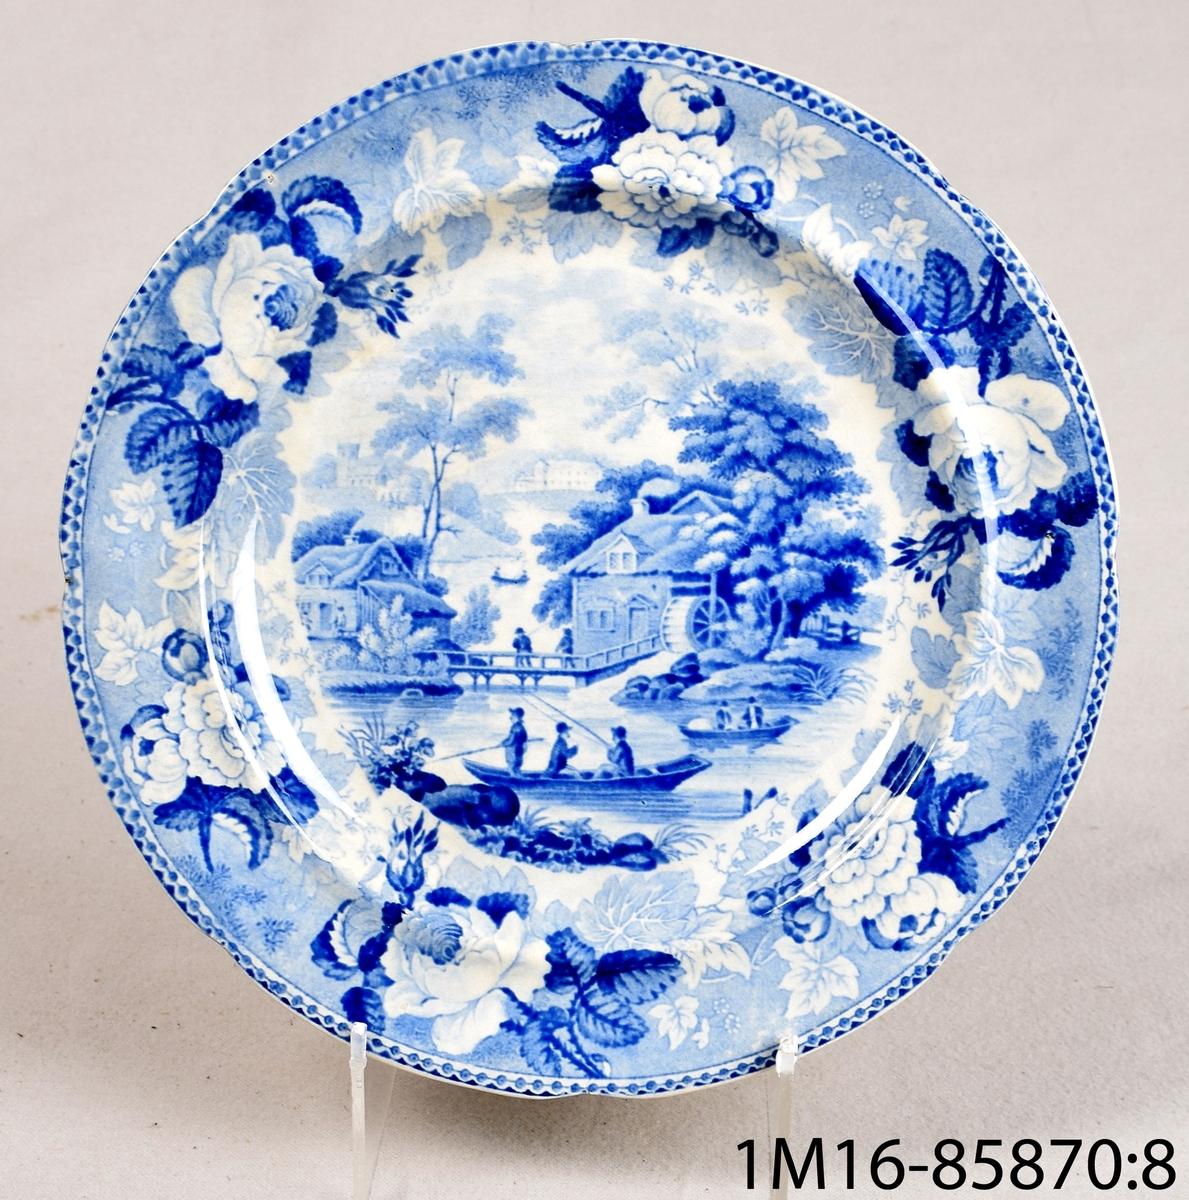 Vit rund tallrik av flintgods med tryckt blå dekor. Dekornamn: 1828 års landskapsmönster. Tillverkare: Rörstrand